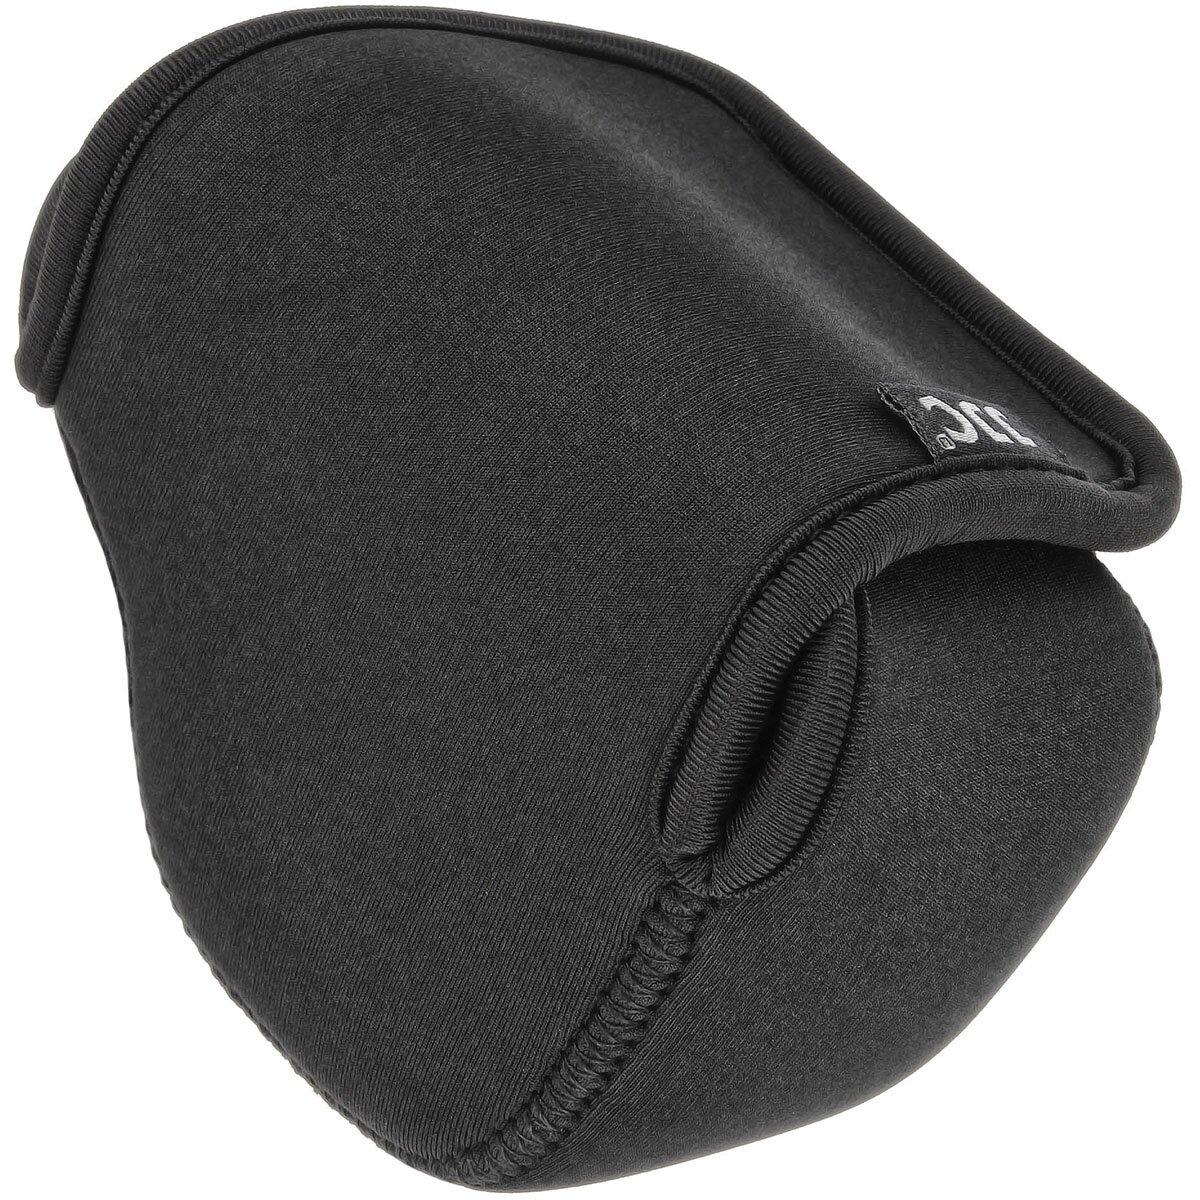 JJC Universal Wasserabweisende Neopren Kameratasche, Kamerahülle Schutzhülle für kleine Mirrorless SLT Kameras mit mittlerem Objektiv, Schwarz